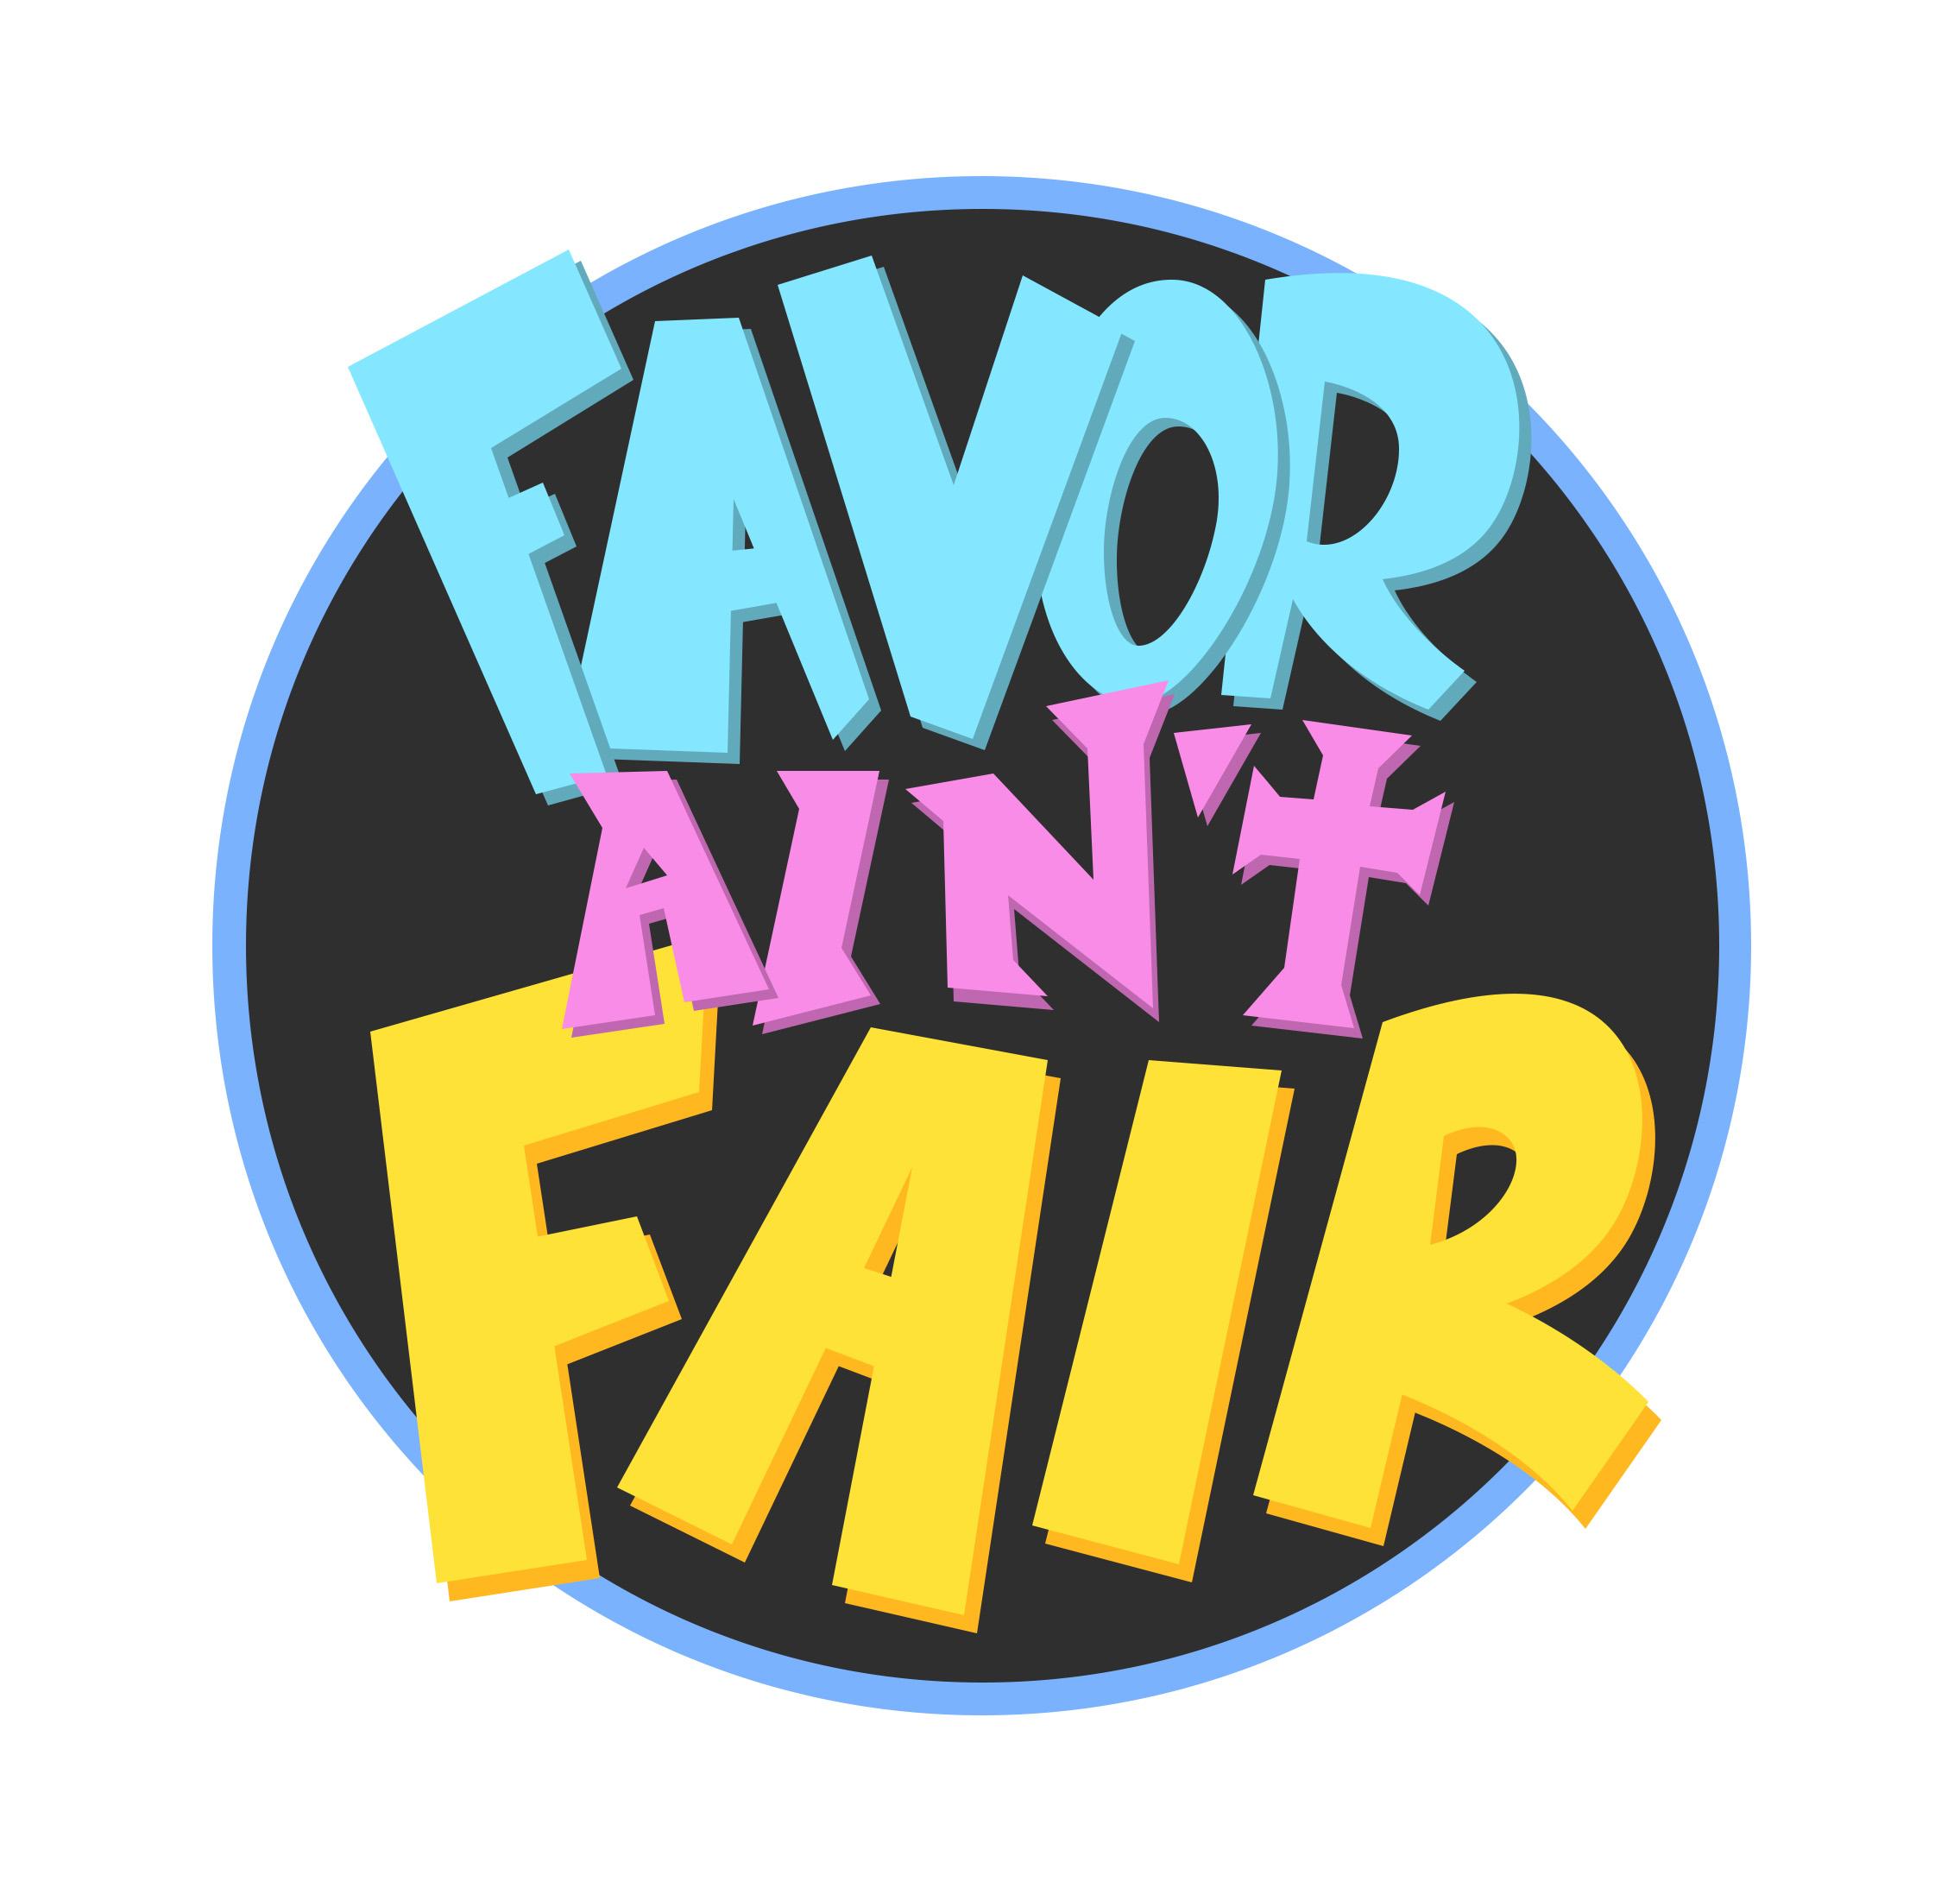 favor ain't fair logo